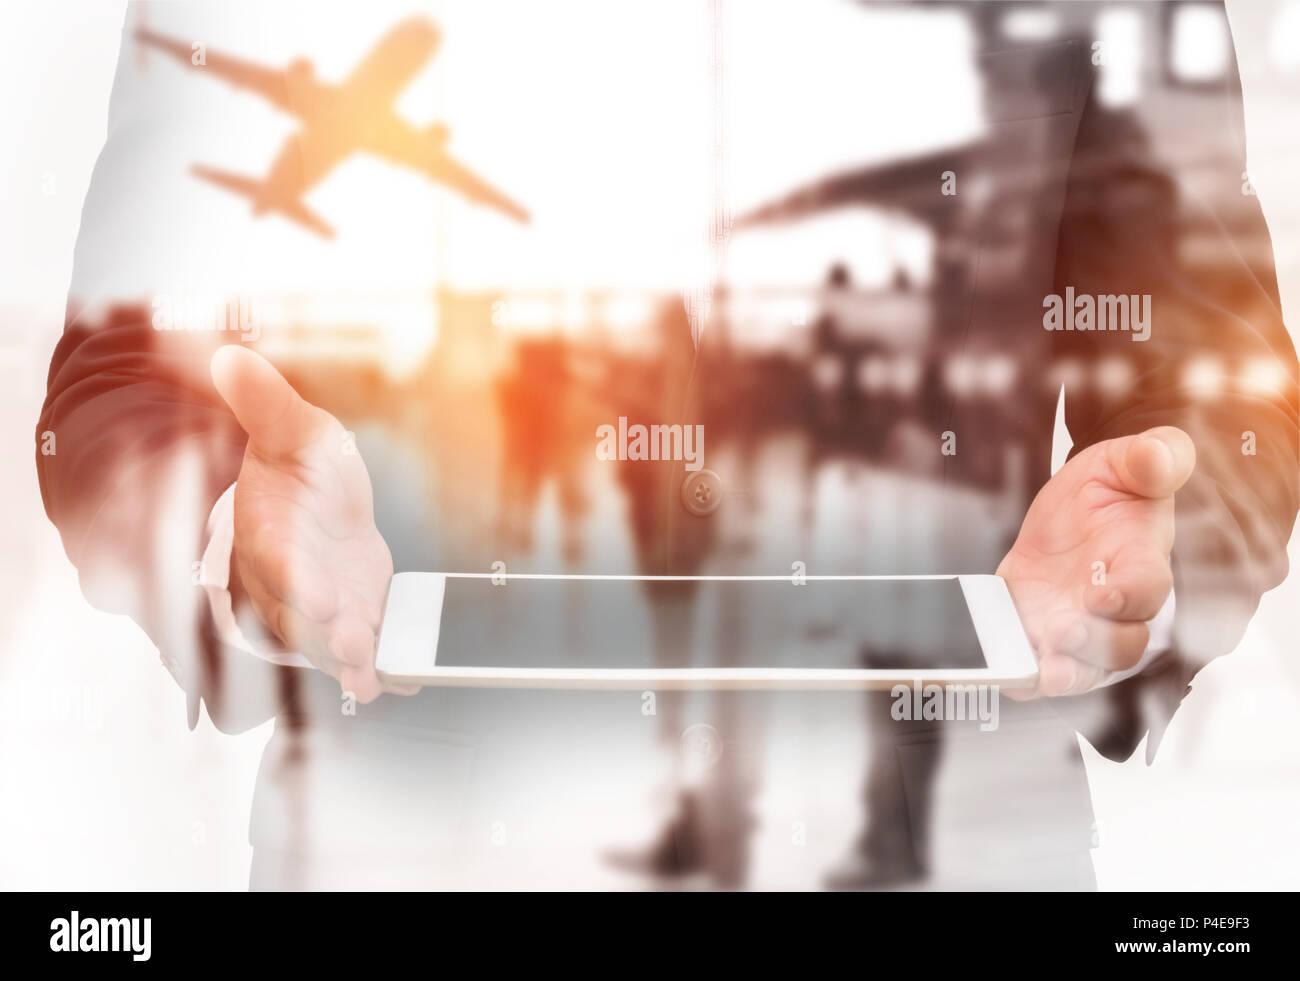 Double Exposure Geschäftsmann holding Tablet an Hand mit unscharfen Terminal Flughafen Hintergrund. Transport und Travel Airline Konzept. Stockbild